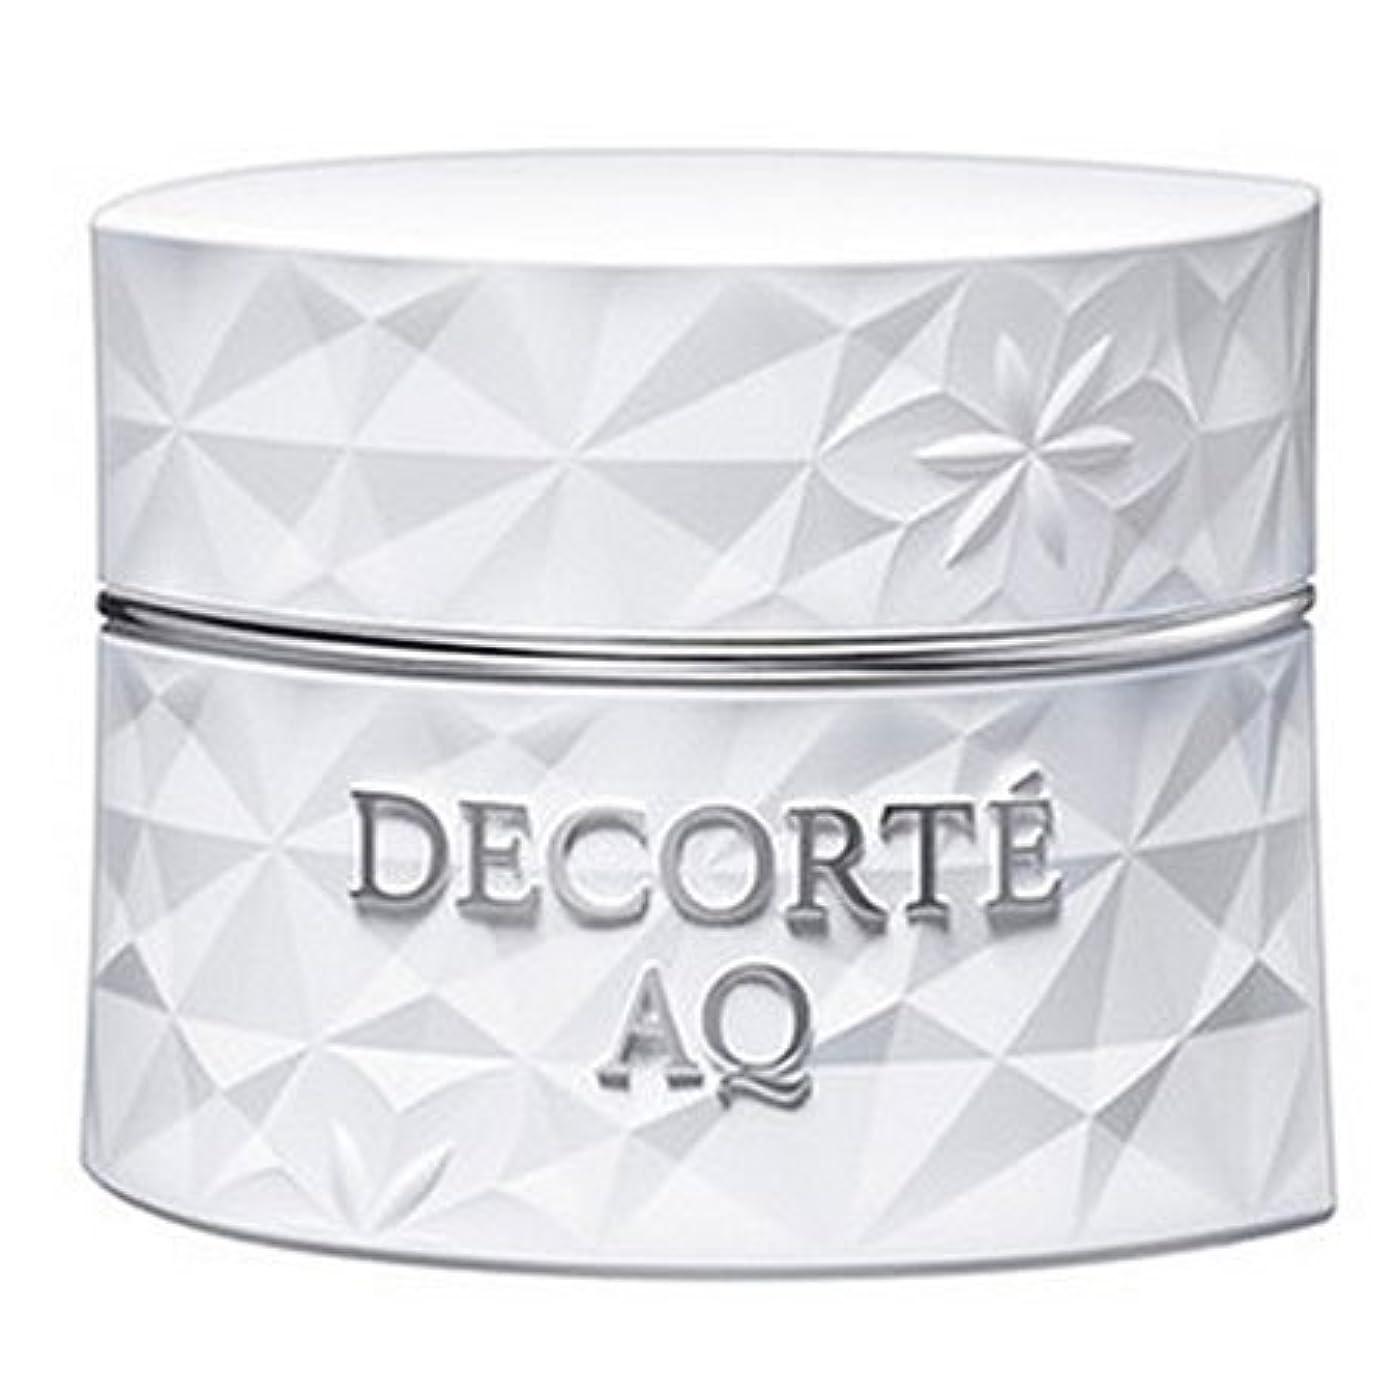 メアリアンジョーンズスムーズにの量コスメデコルテ AQ ホワイトニング クリーム 25g-COSME DECORTE-